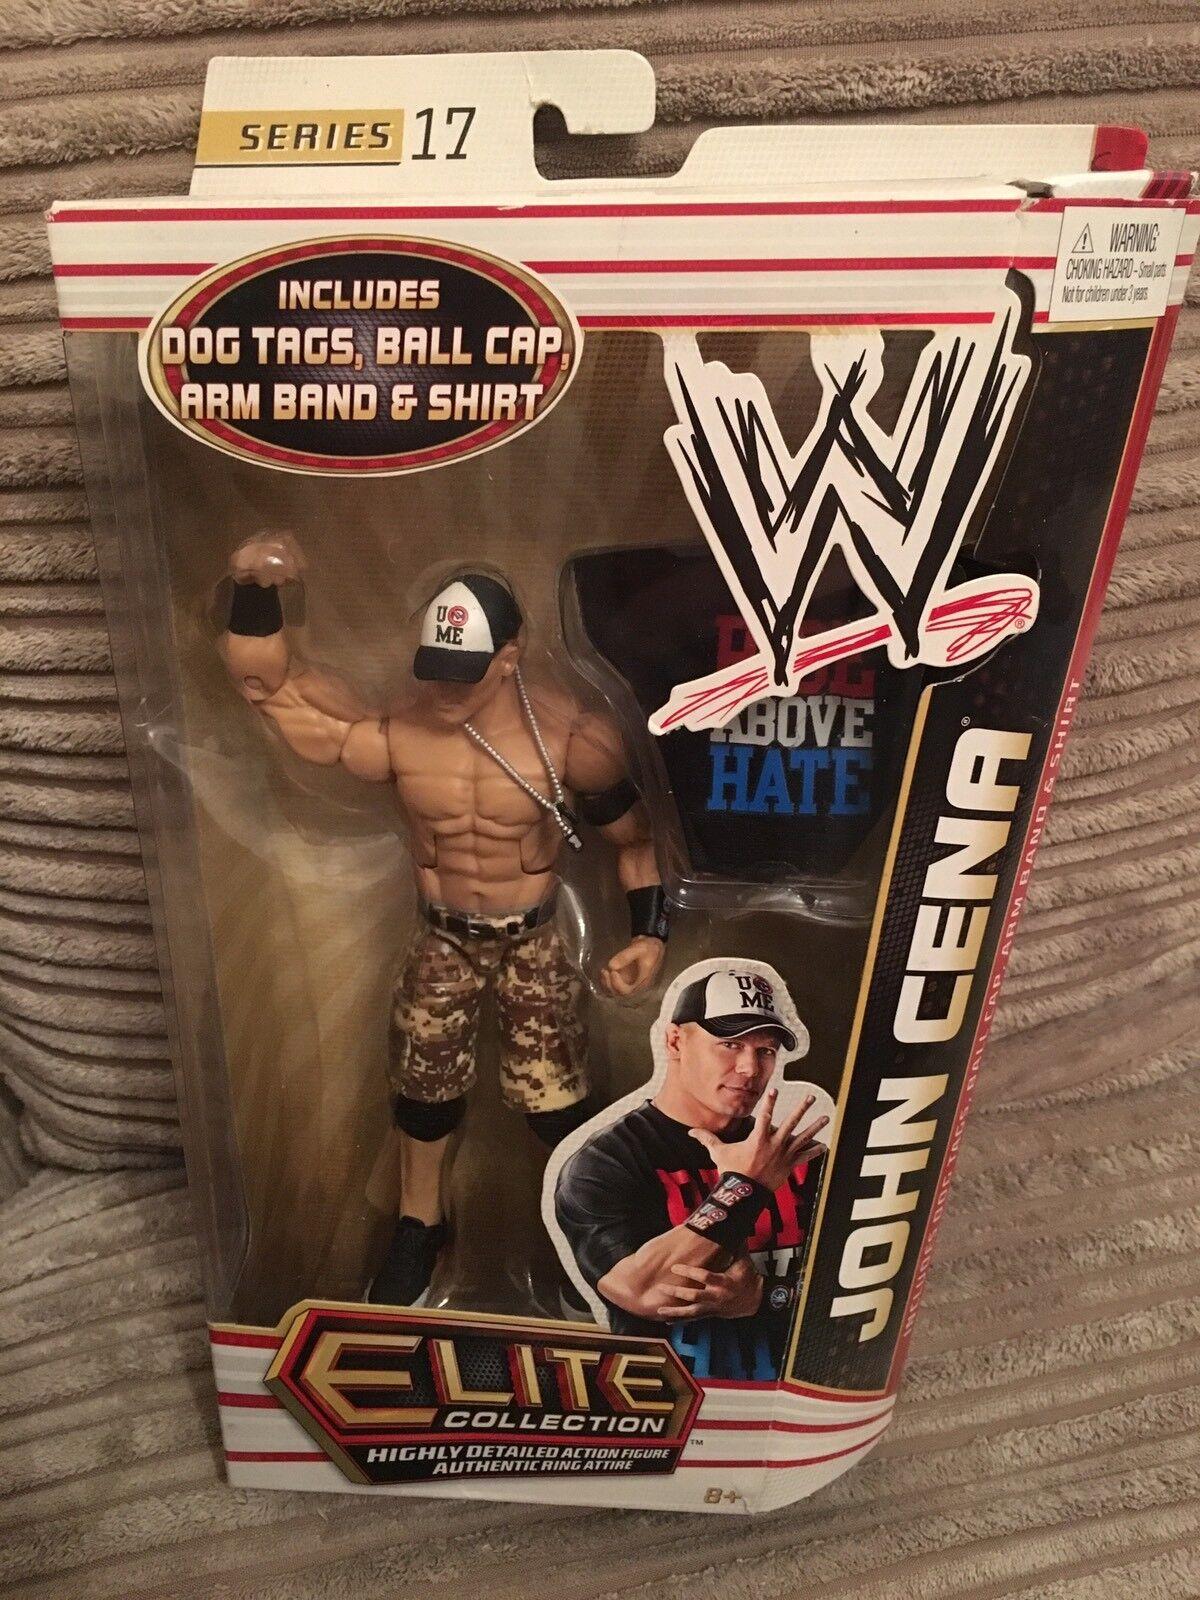 Cena all/'PIASTRINE-Mattel Accessori per WWE Wrestling Figure